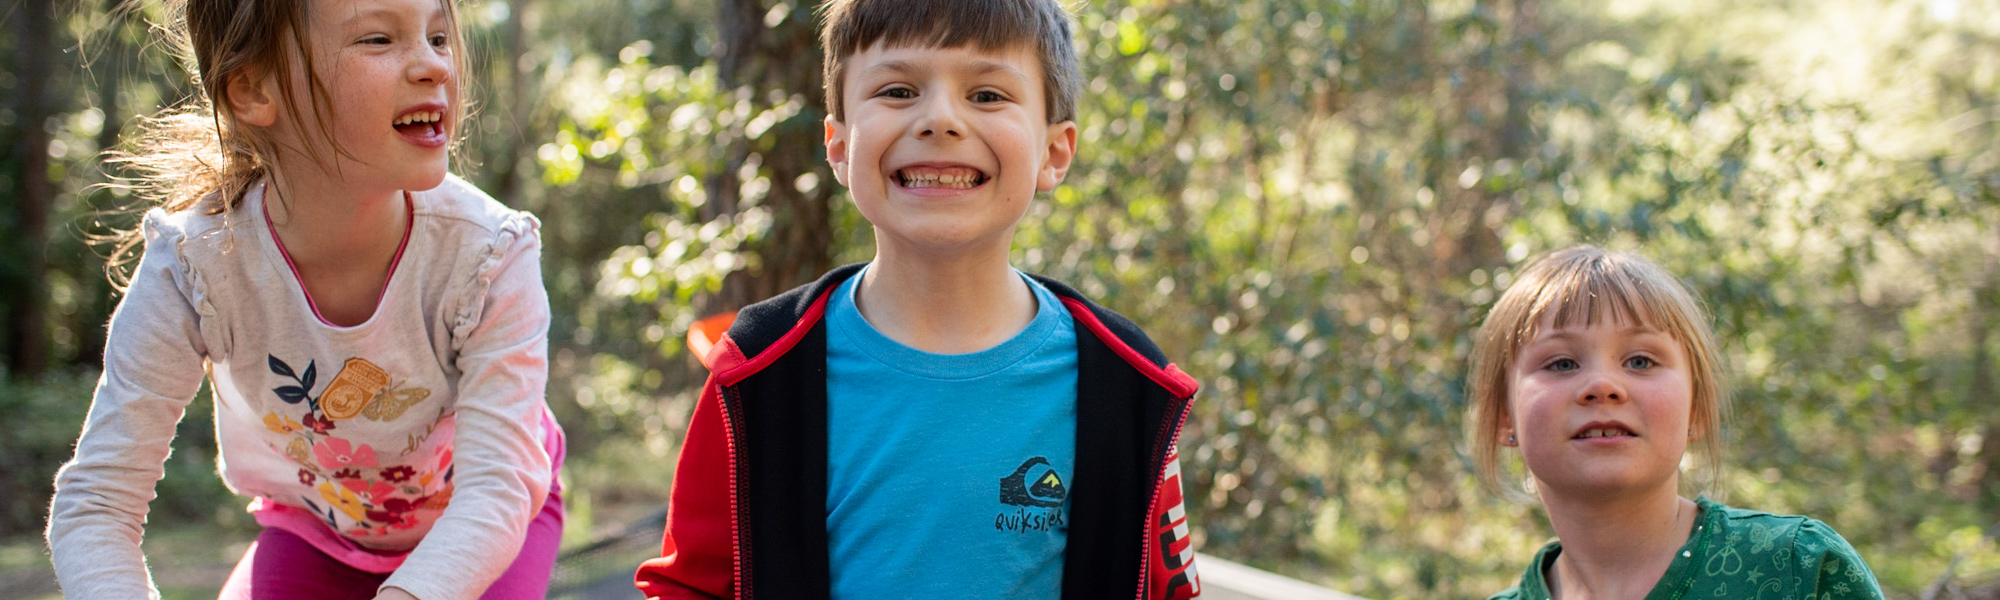 Afterschool Adventures hero image